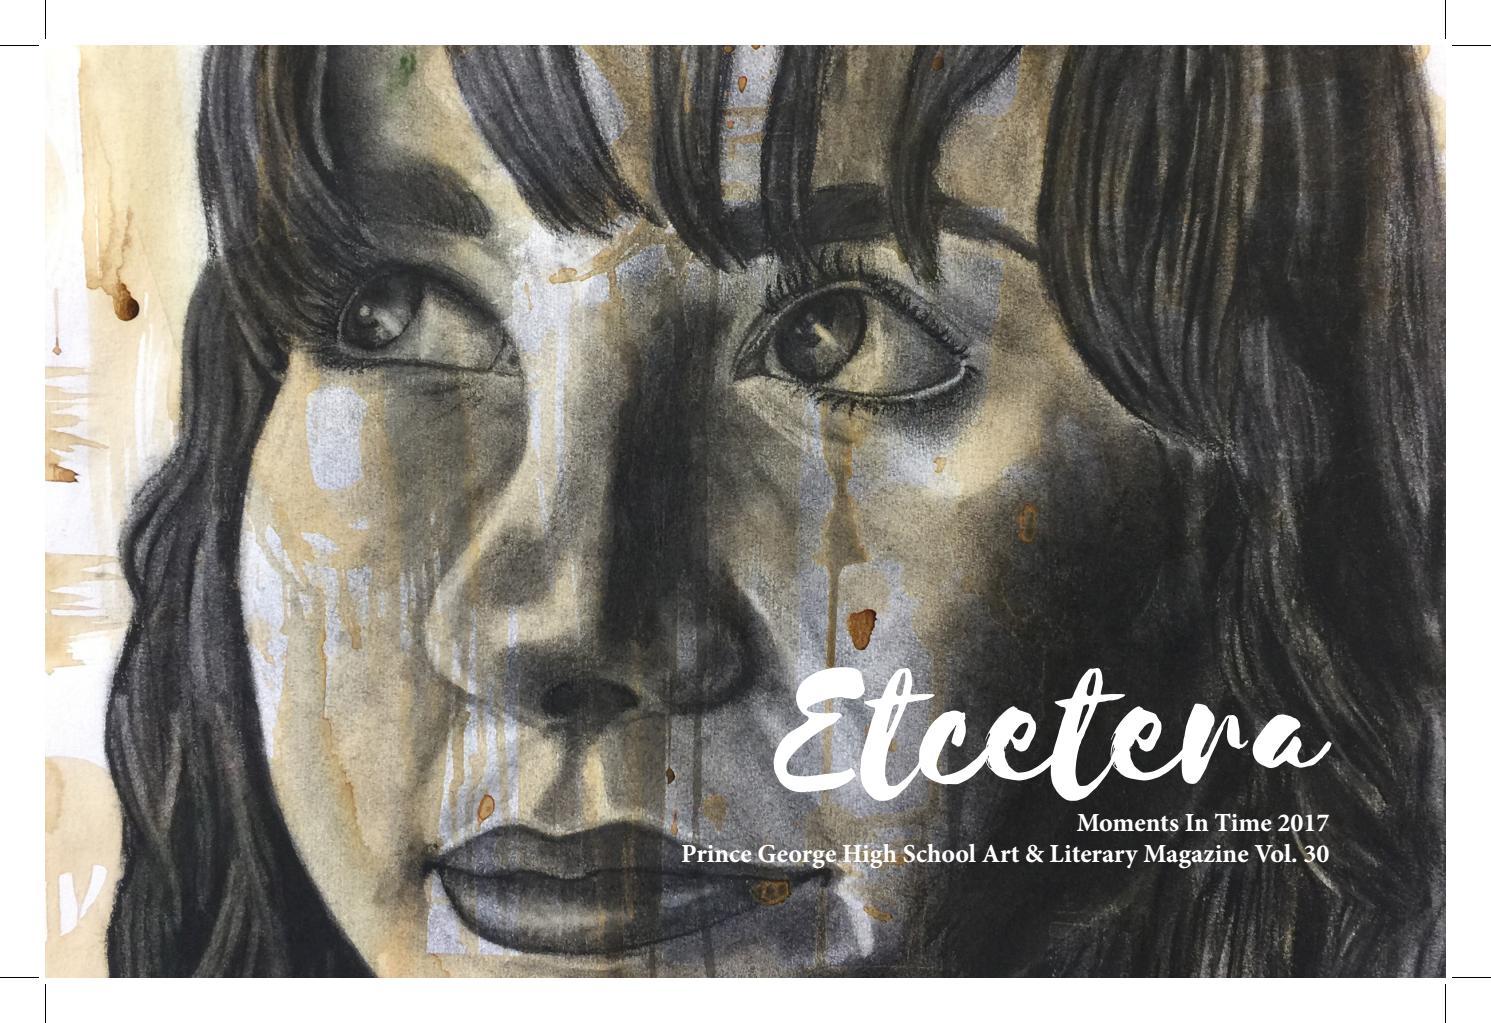 Etcetera Art & Literary Magazine 2017 by chris waugaman - issuu